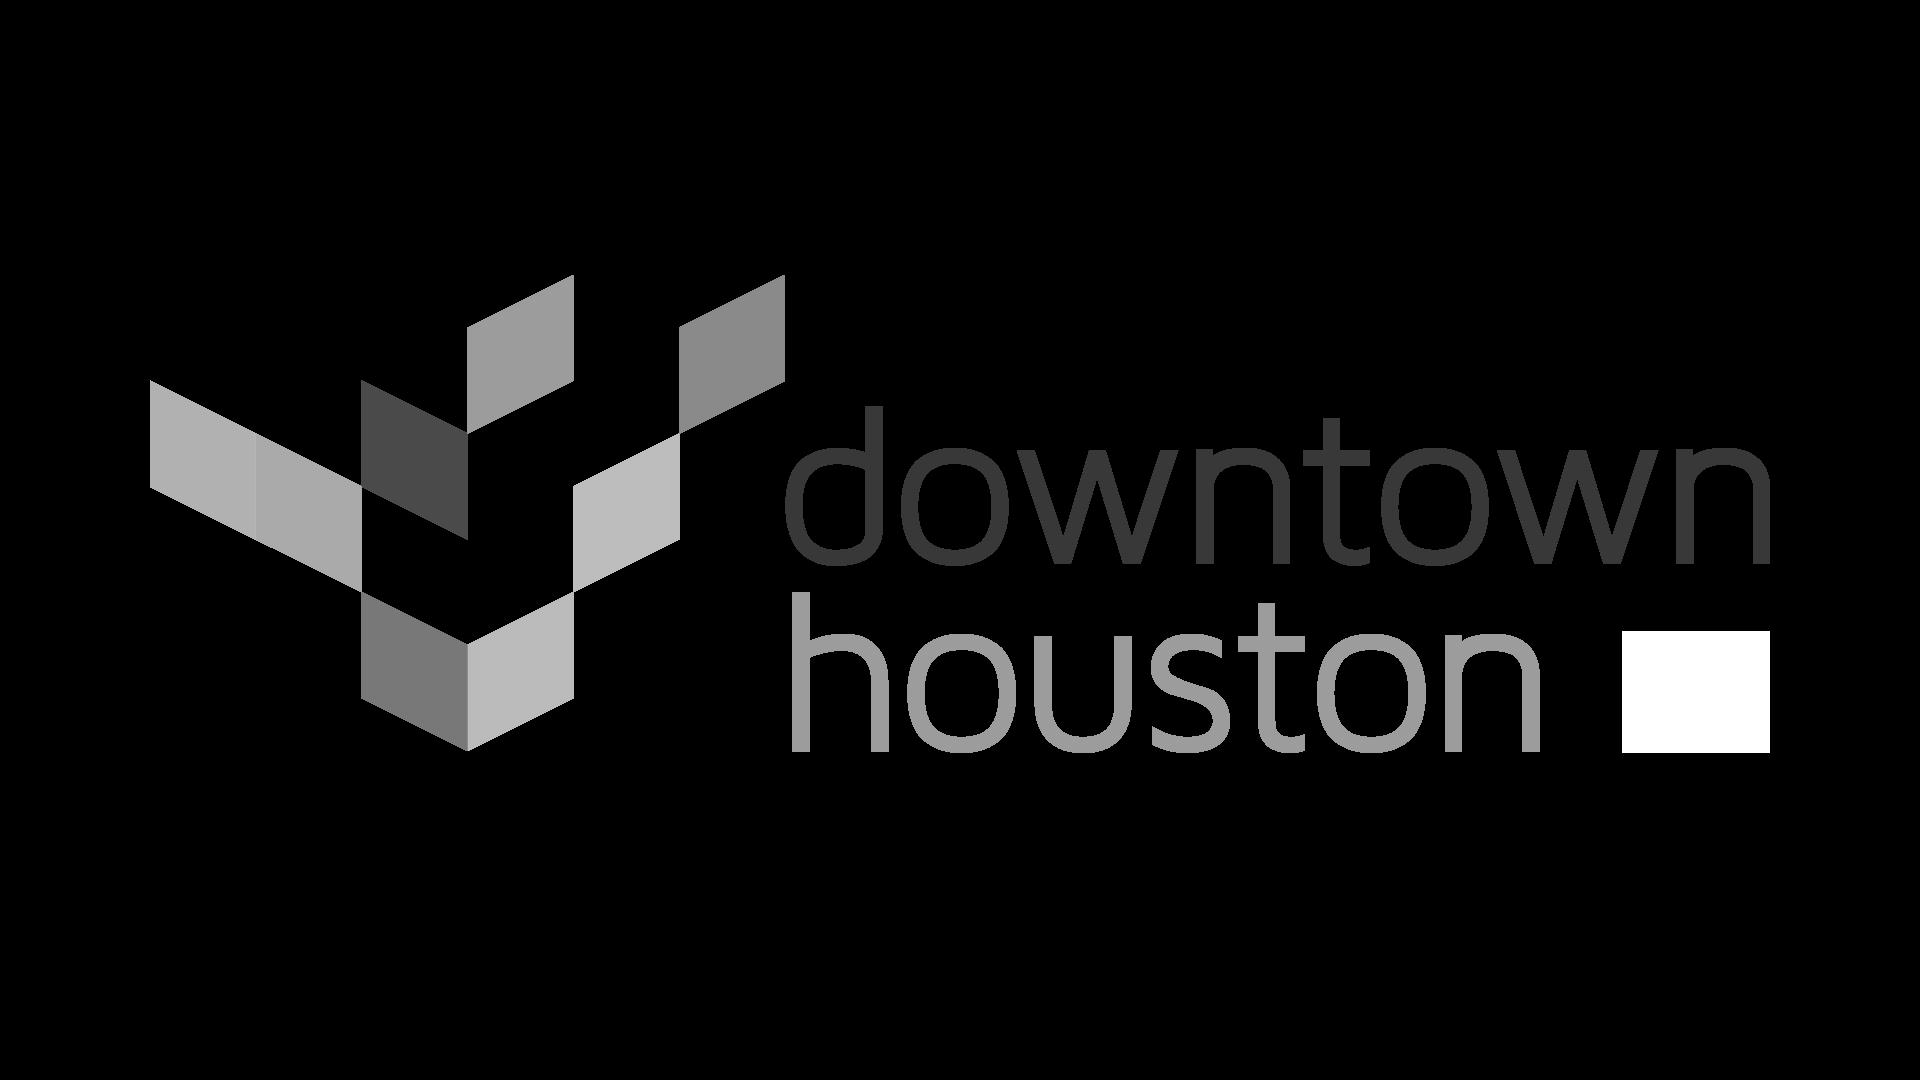 Downtown houston CKP logo.png